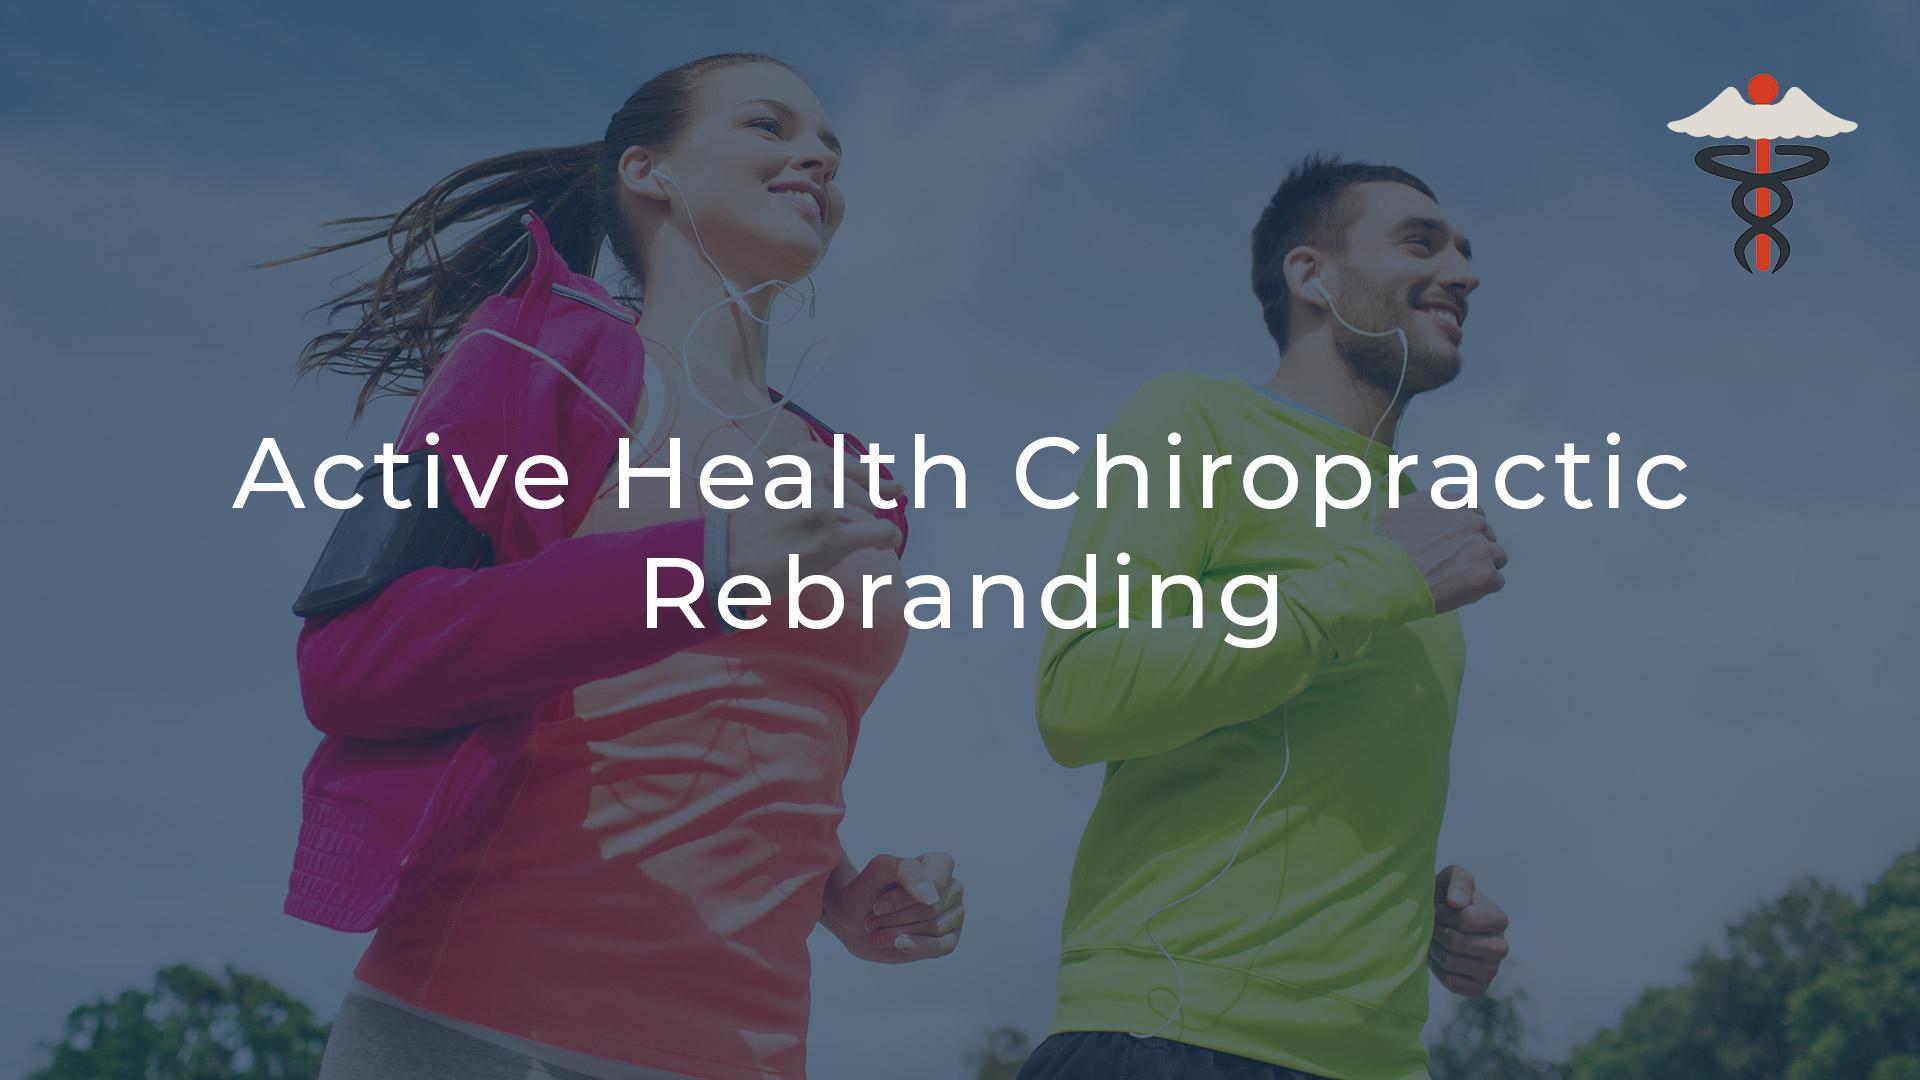 Active Health Chiropractic Hereford Rebranding